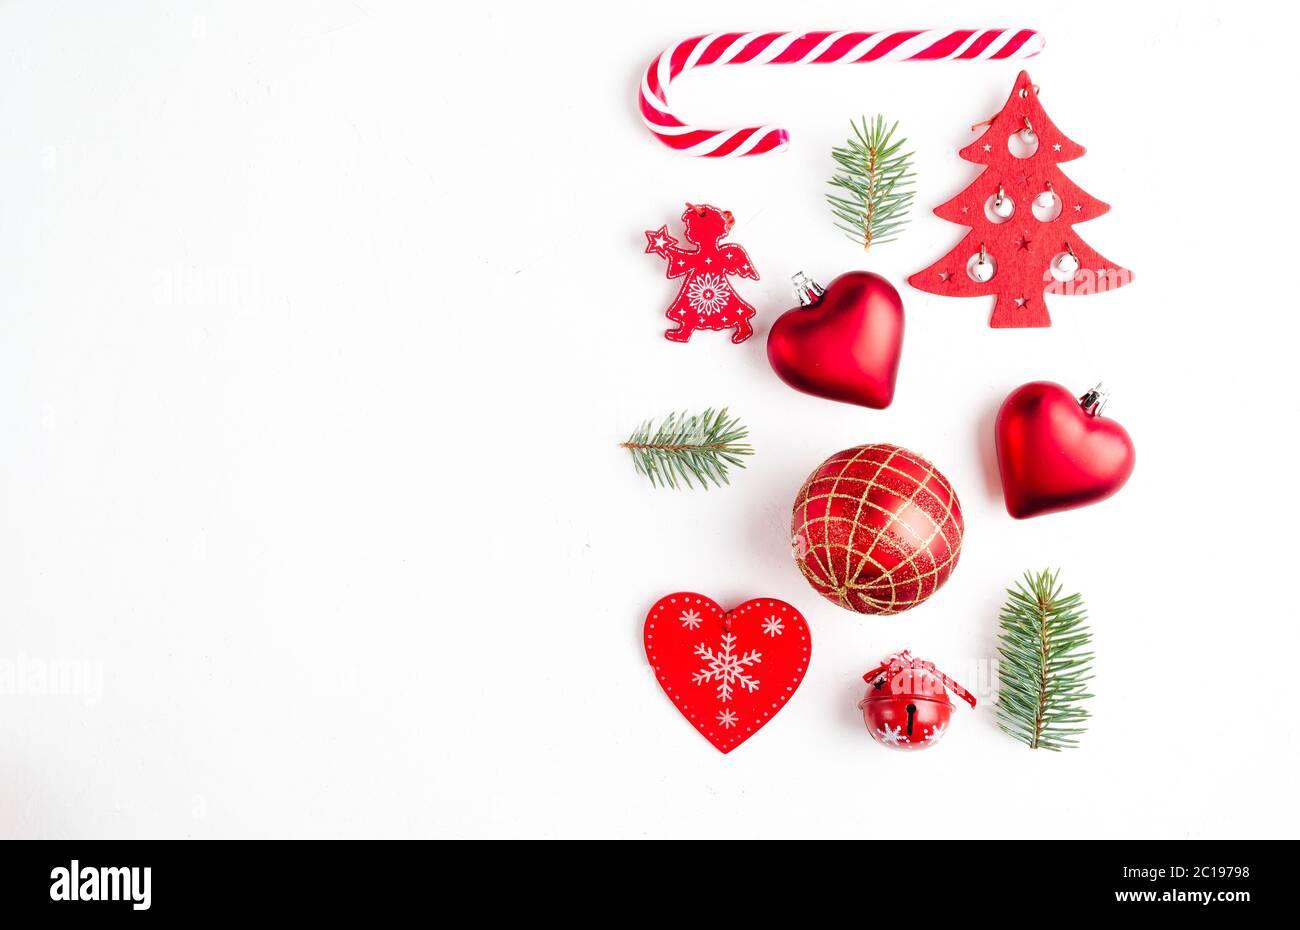 Decorazioni Natalizie Caramelle.Collezione Di Decorazioni Natalizie Cuori Rami Caramelle Natalizie Albero Di Natale Palle Angelo Campana Foto Stock Alamy